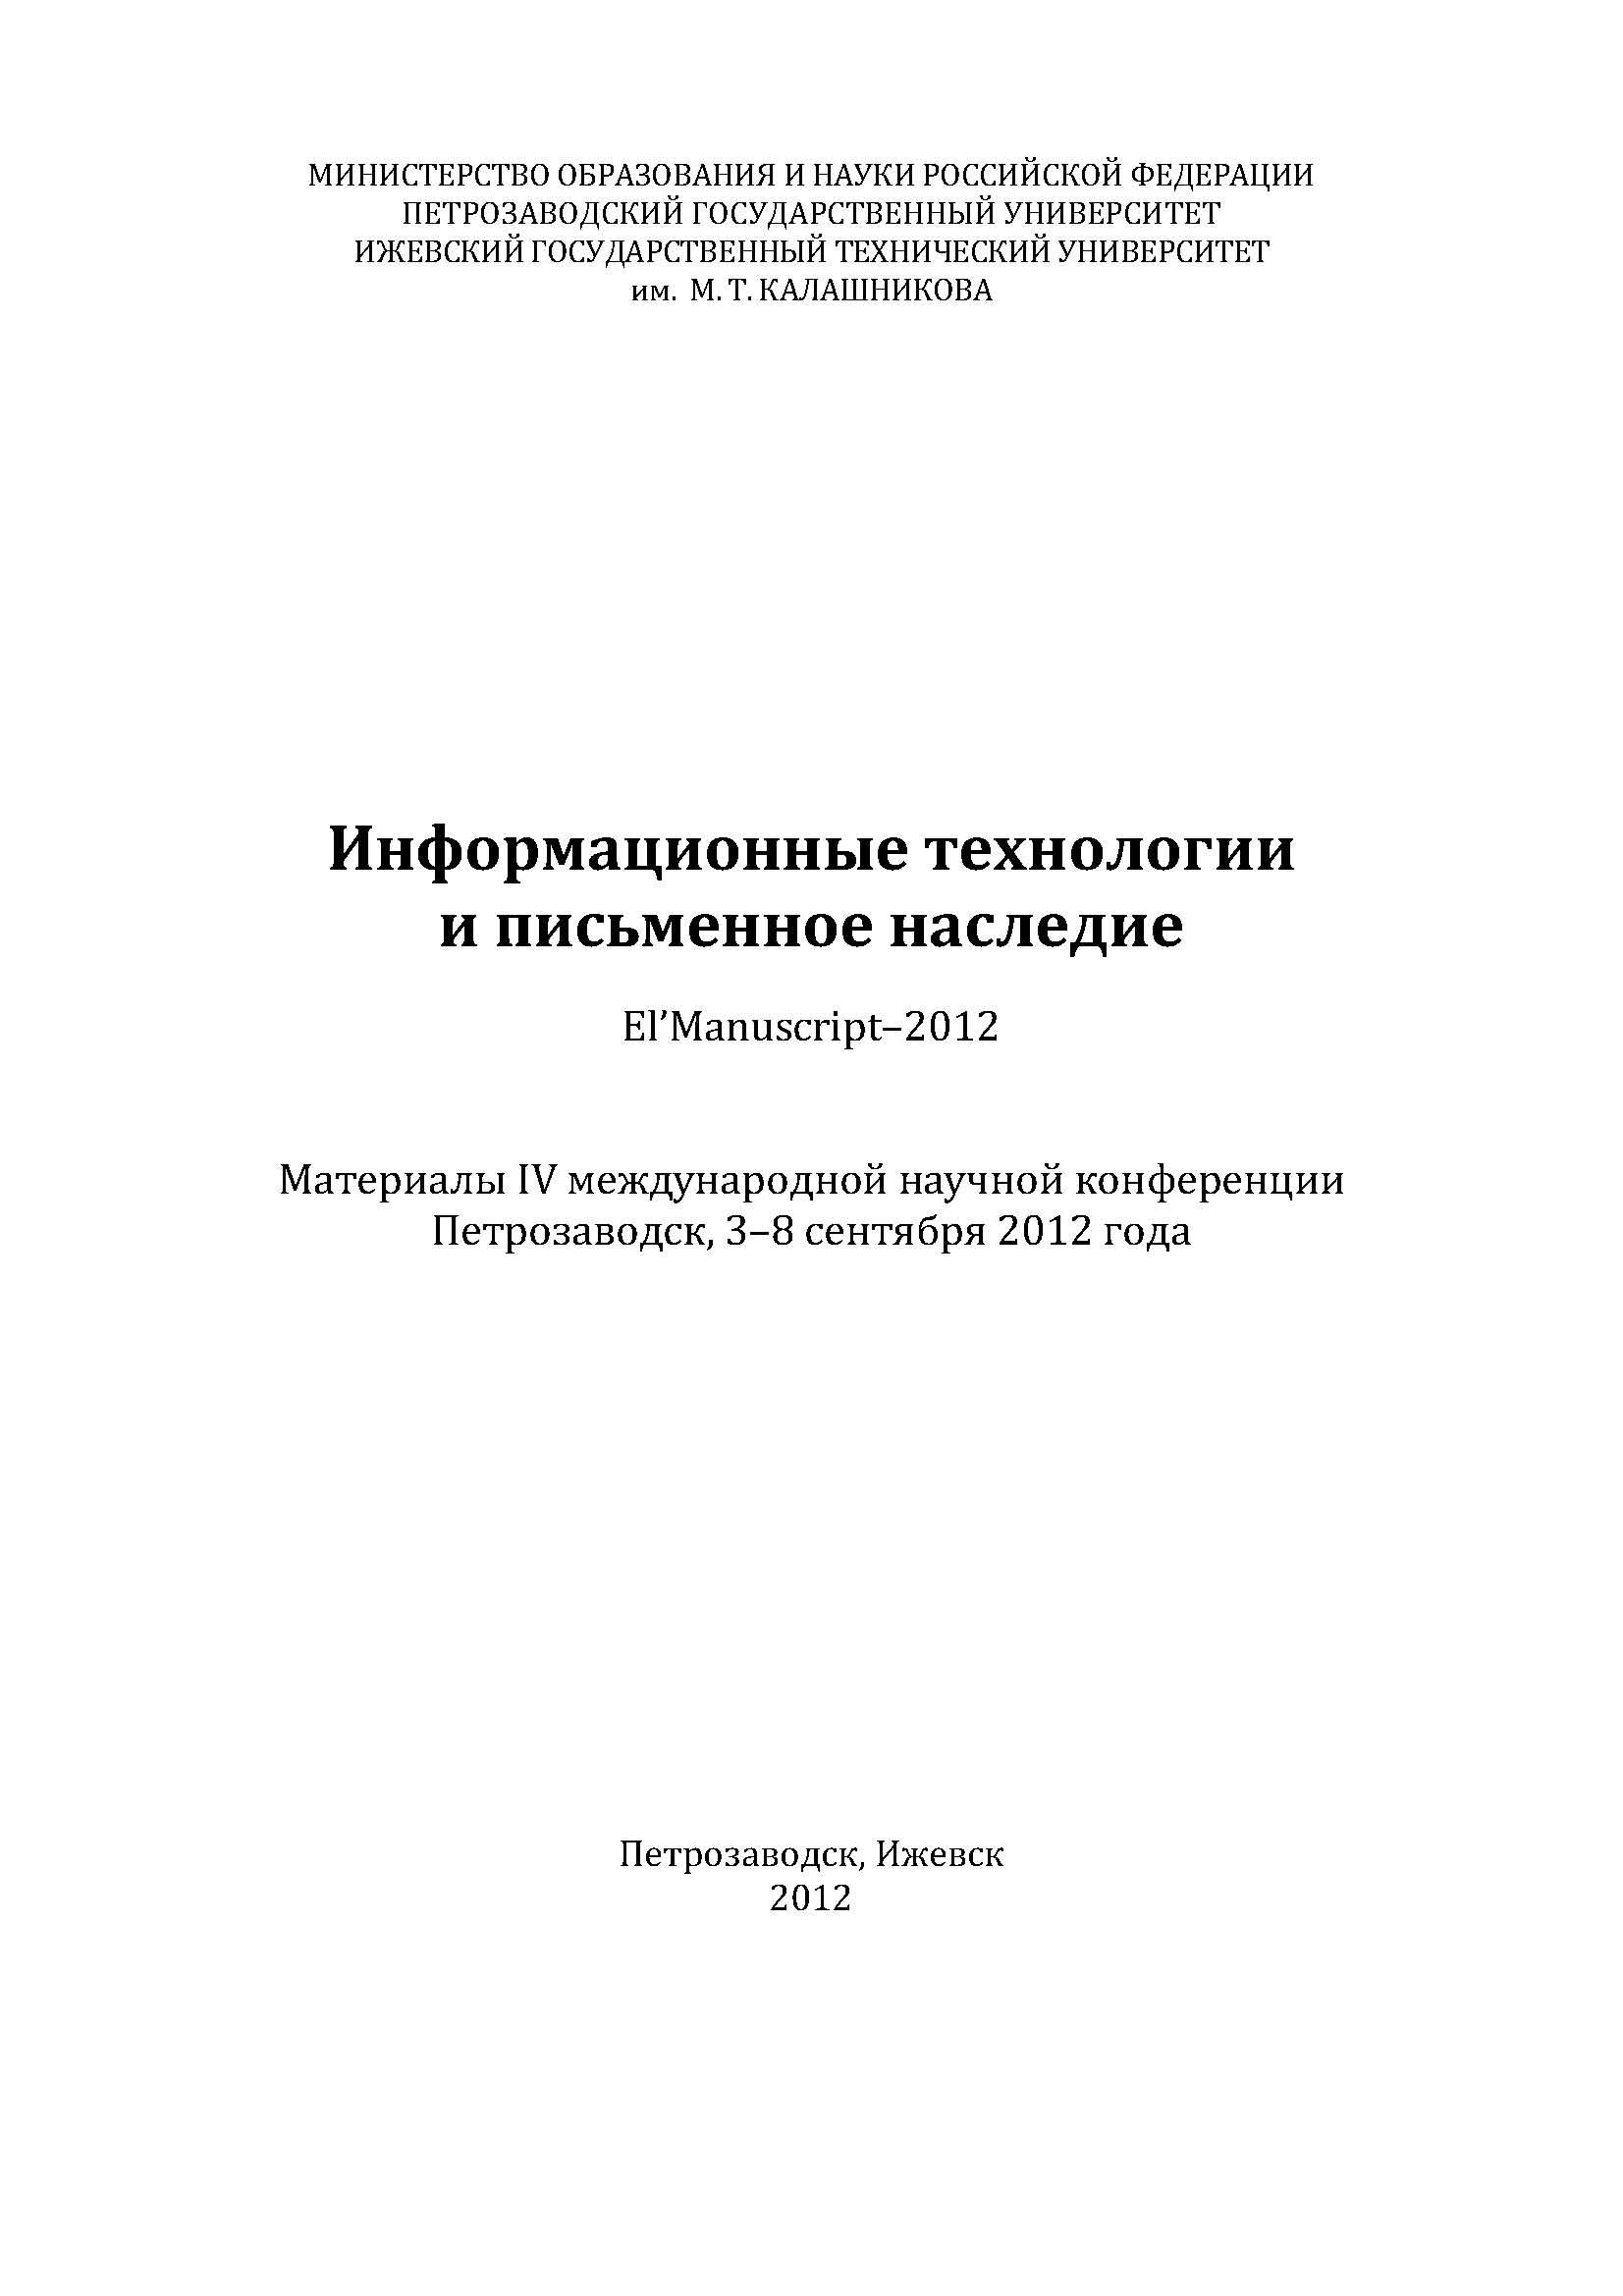 Информационные технологии и письменное наследие: материалы IV международной научной конференции (Петрозаводск, 3–8 сентября 2012 г.)